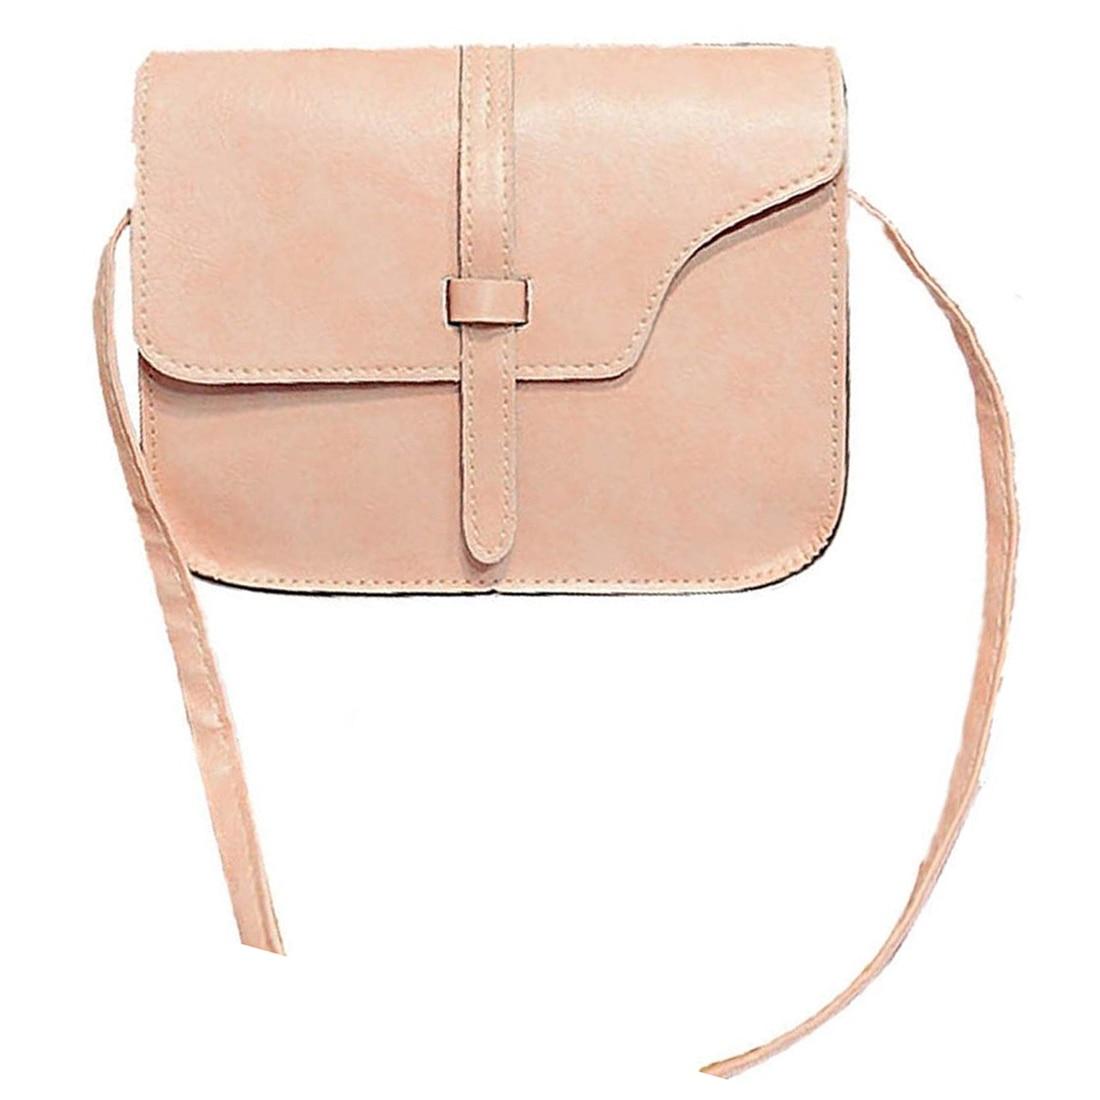 2x Для женщин девушка сумка Портфели Искусственная кожа crossbody Сумка Розовый